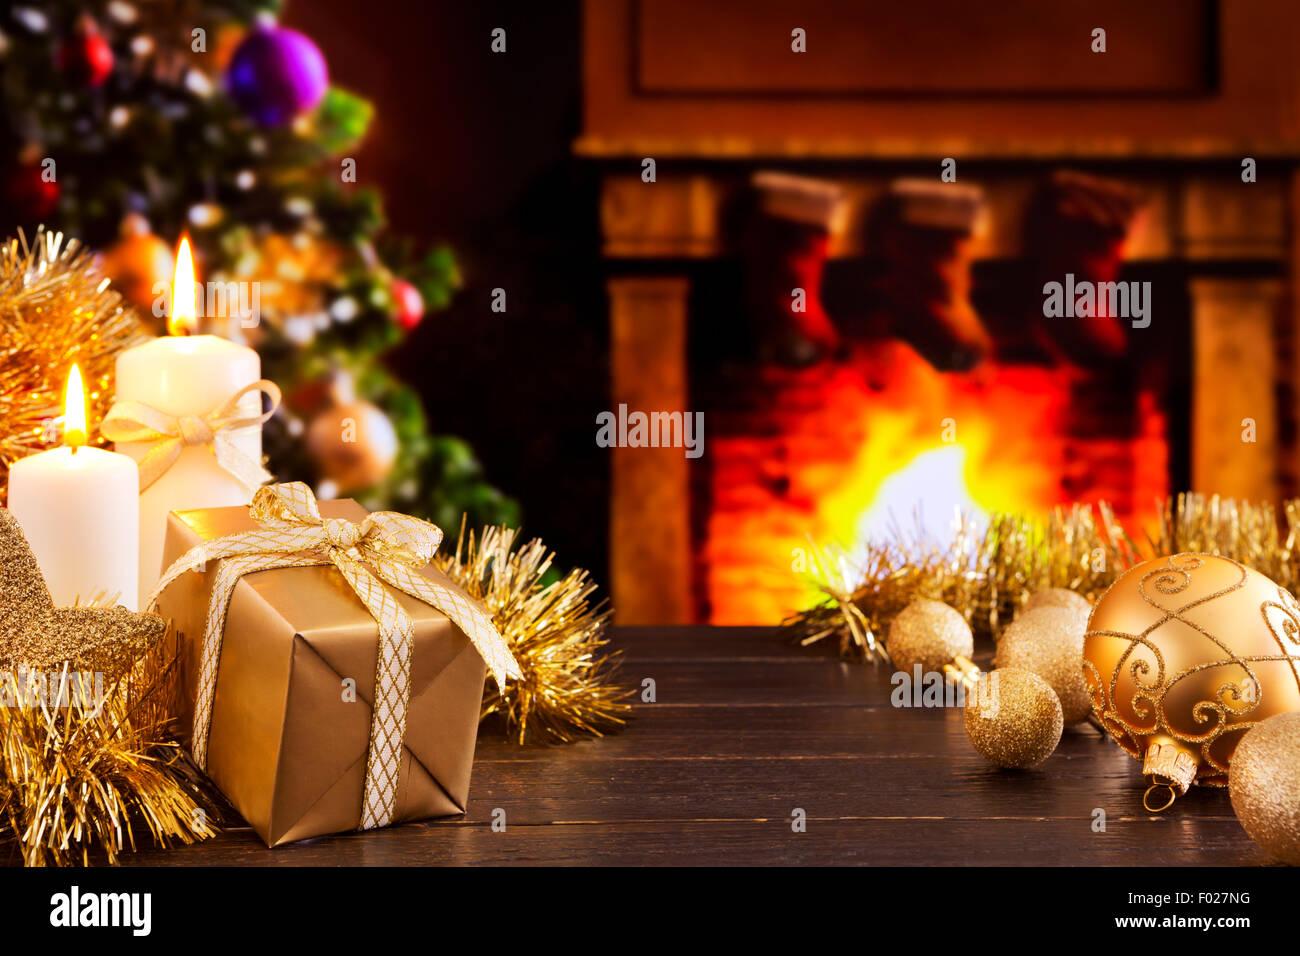 Ein Geschenk, Weihnachtsschmuck und Kerzen vor der Kamin. Im Kamin brennt ein Feuer. Stockbild